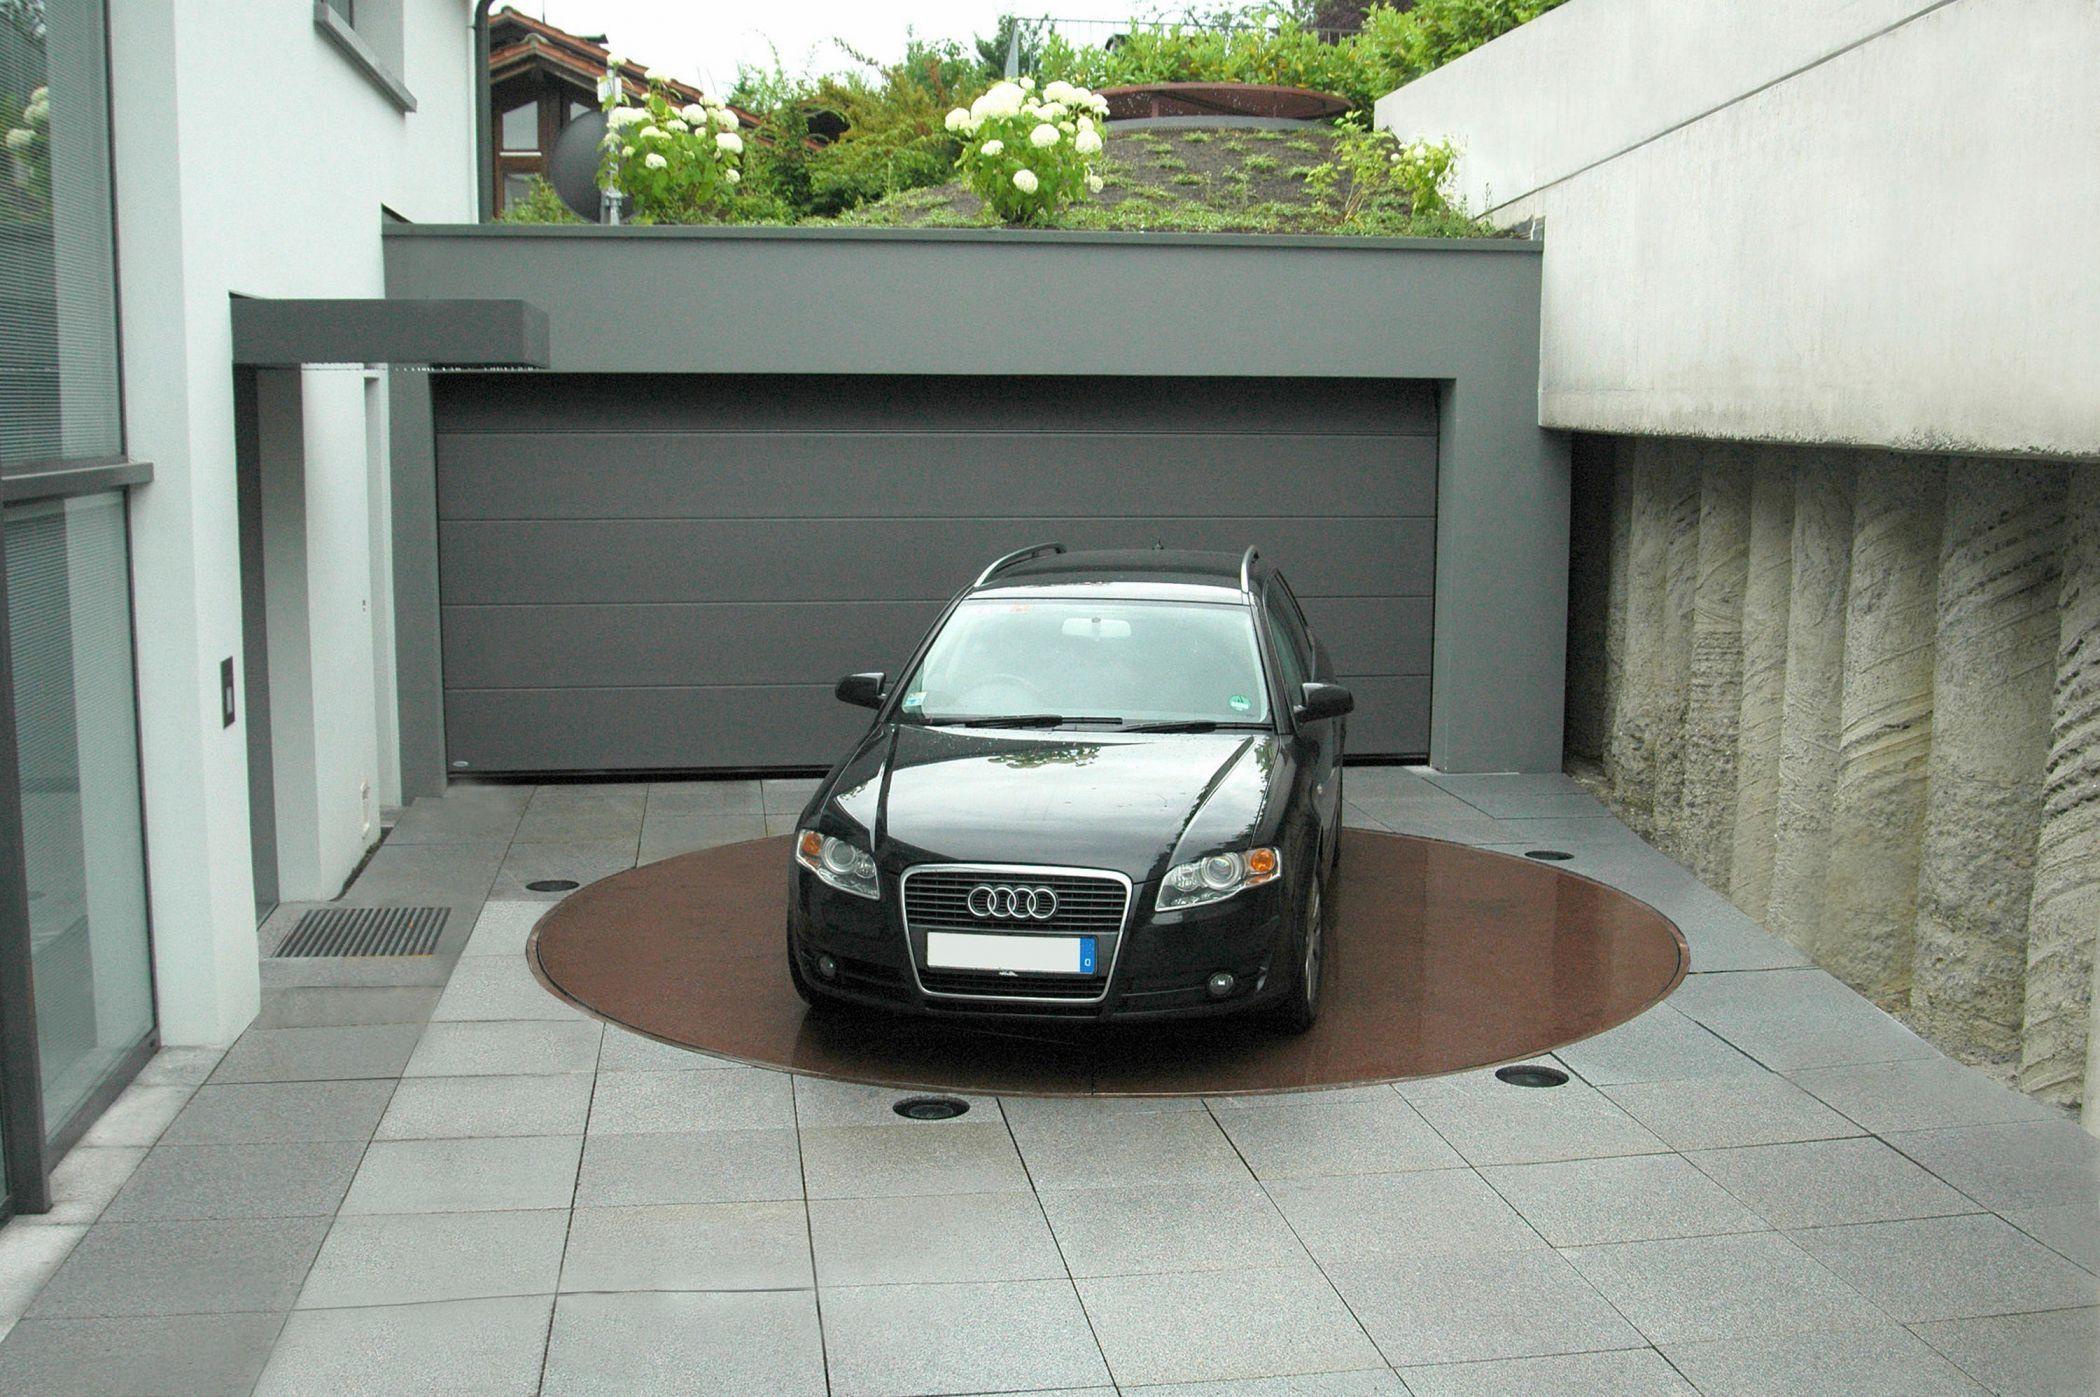 Related Post Was Ist Besser Kondenstrockner Oder Wärmepumpentro Streifenfundament Garage Kosten 2018 Möbel Segmüller M Garage Design Modern Garage Car Parking